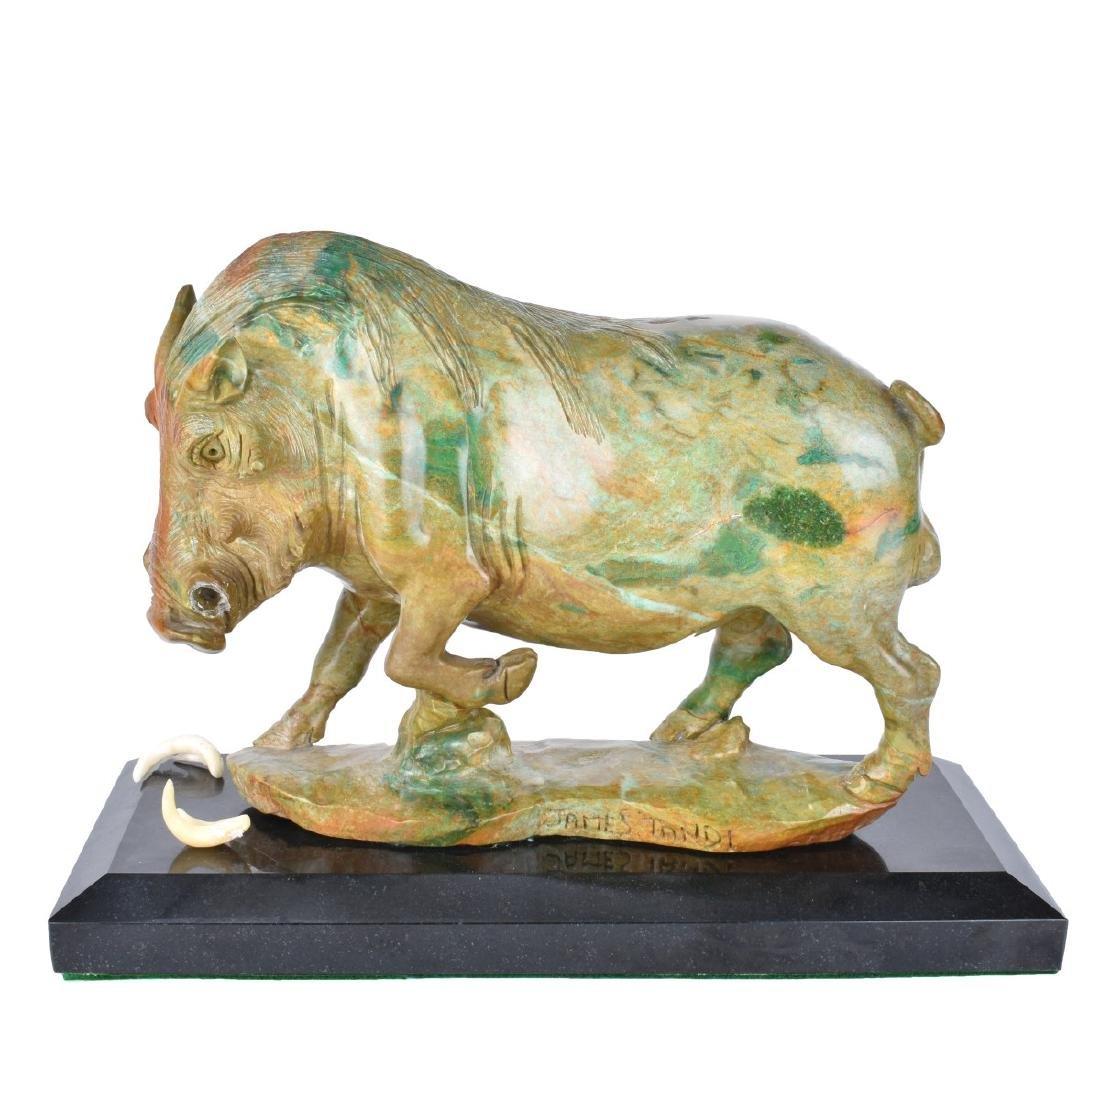 James Tandi (20/21st century) Verdite Sculpture